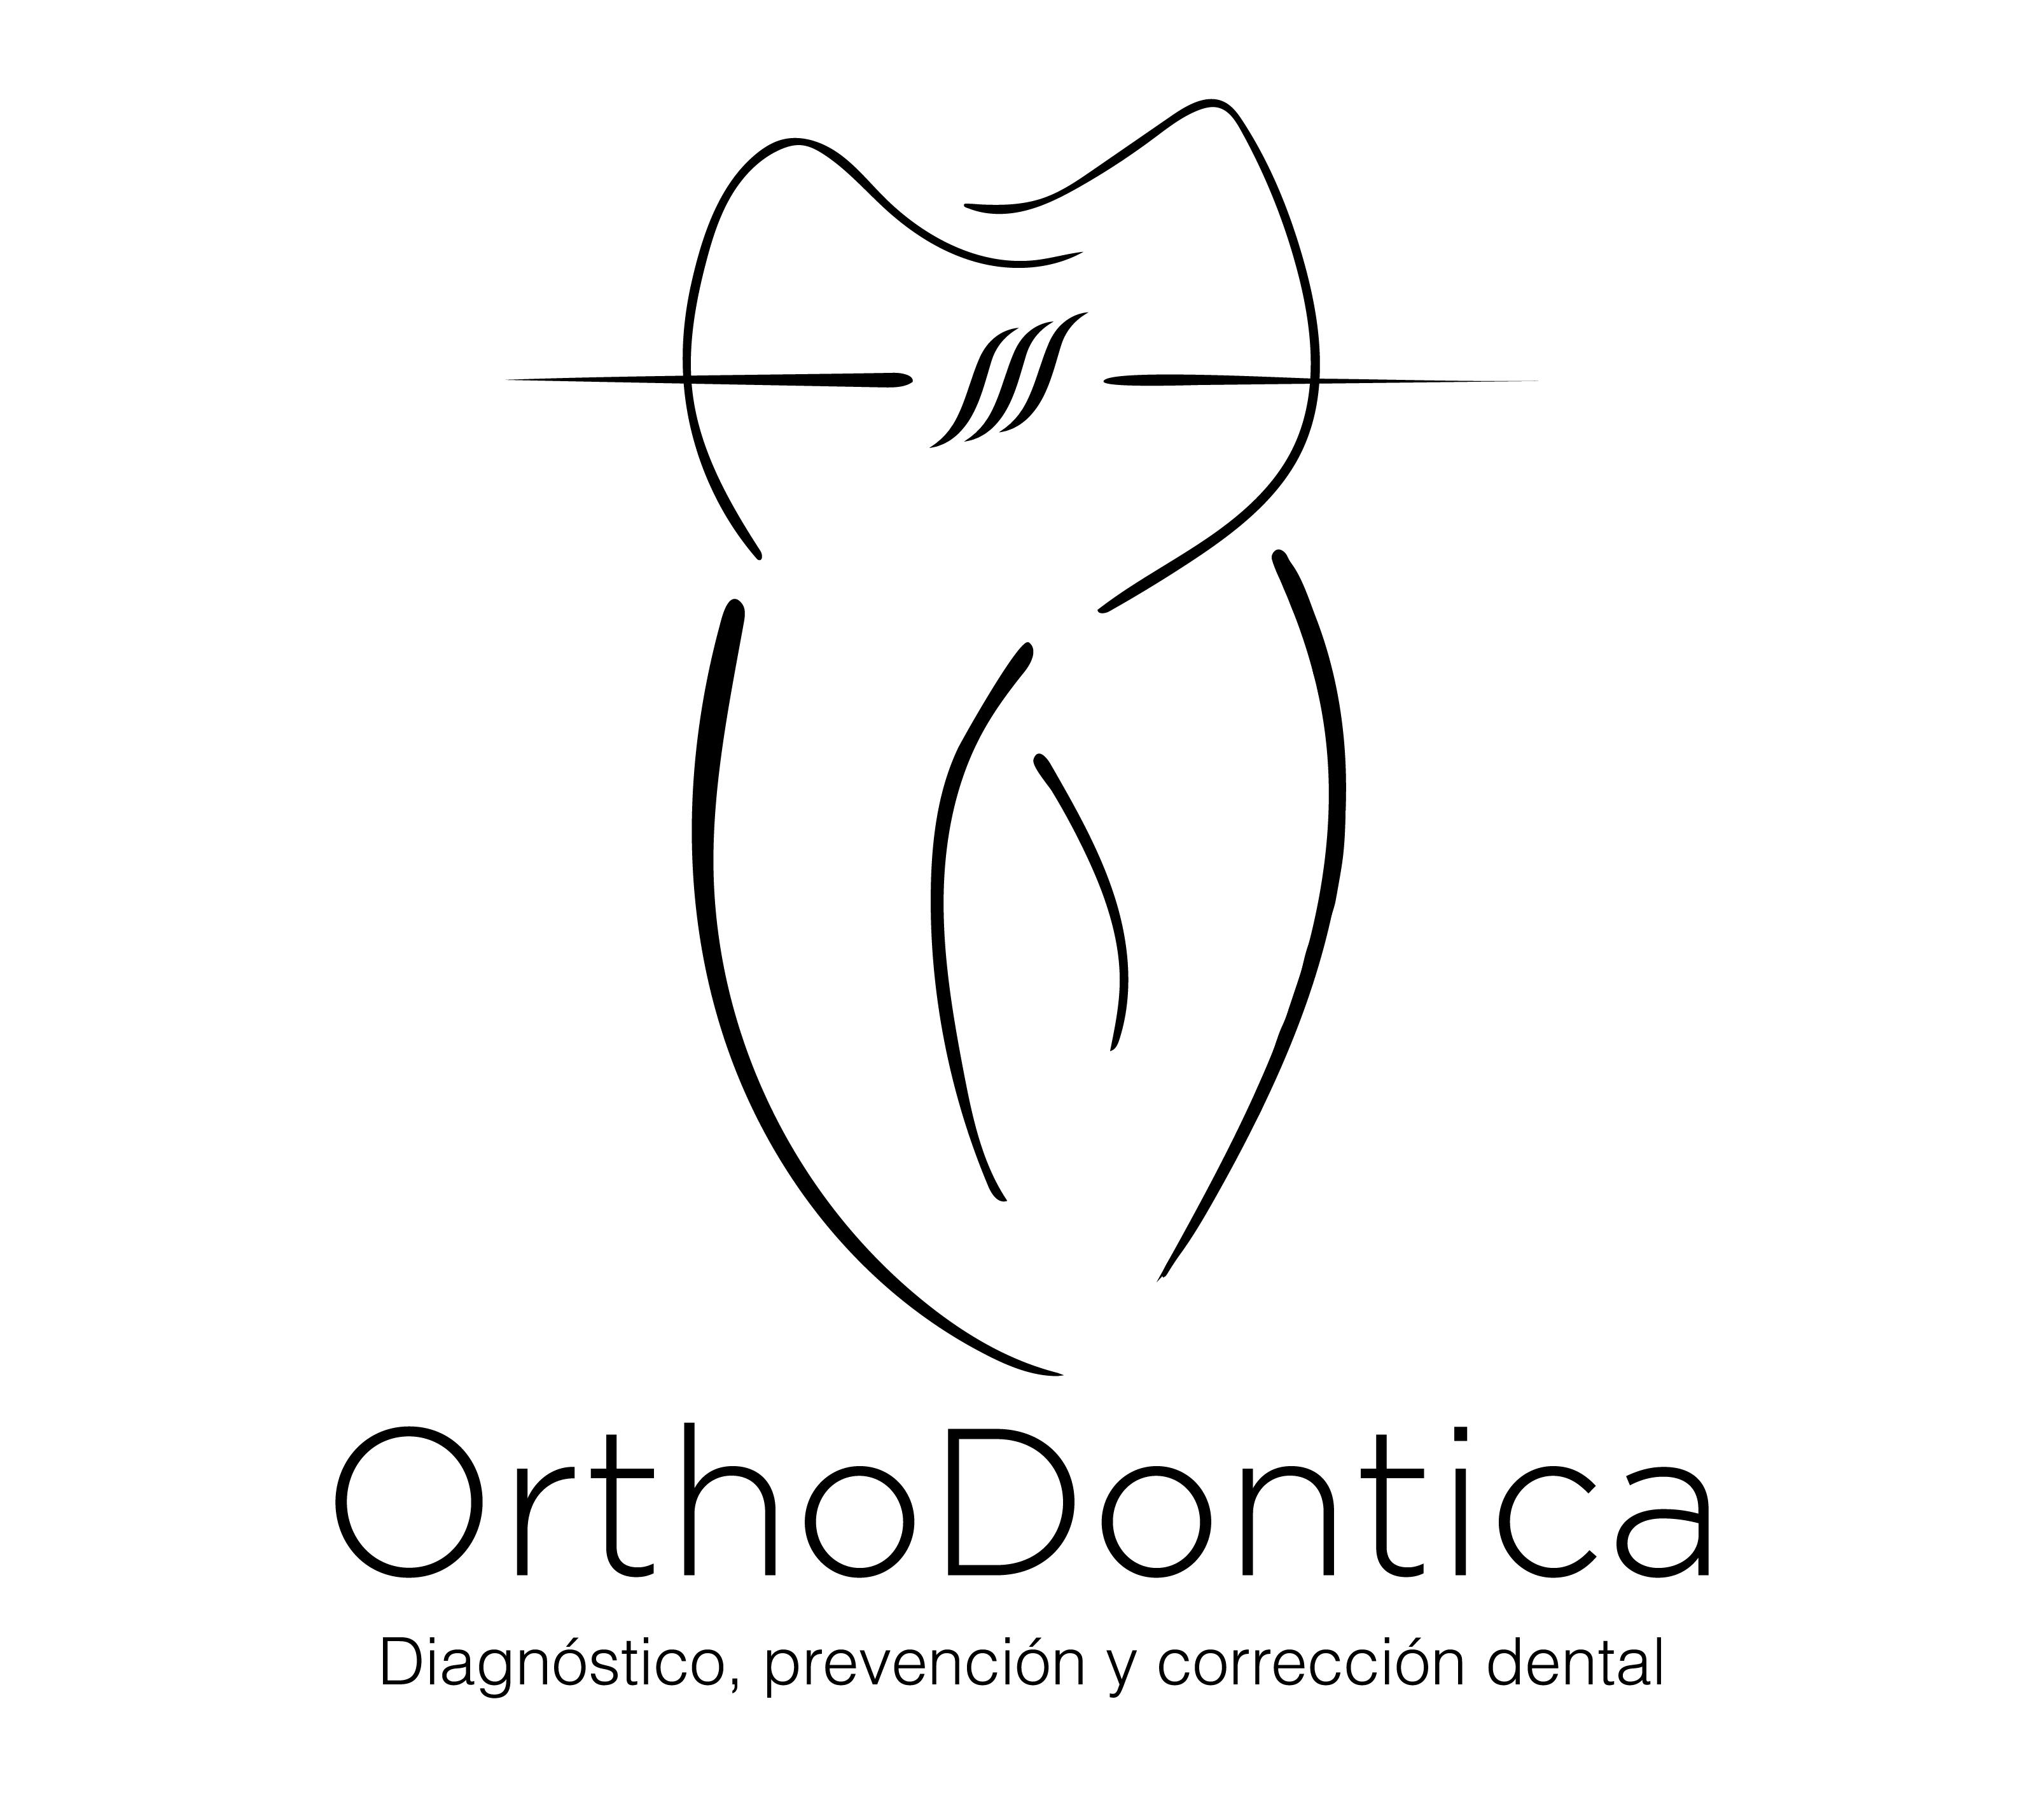 Orthodontica